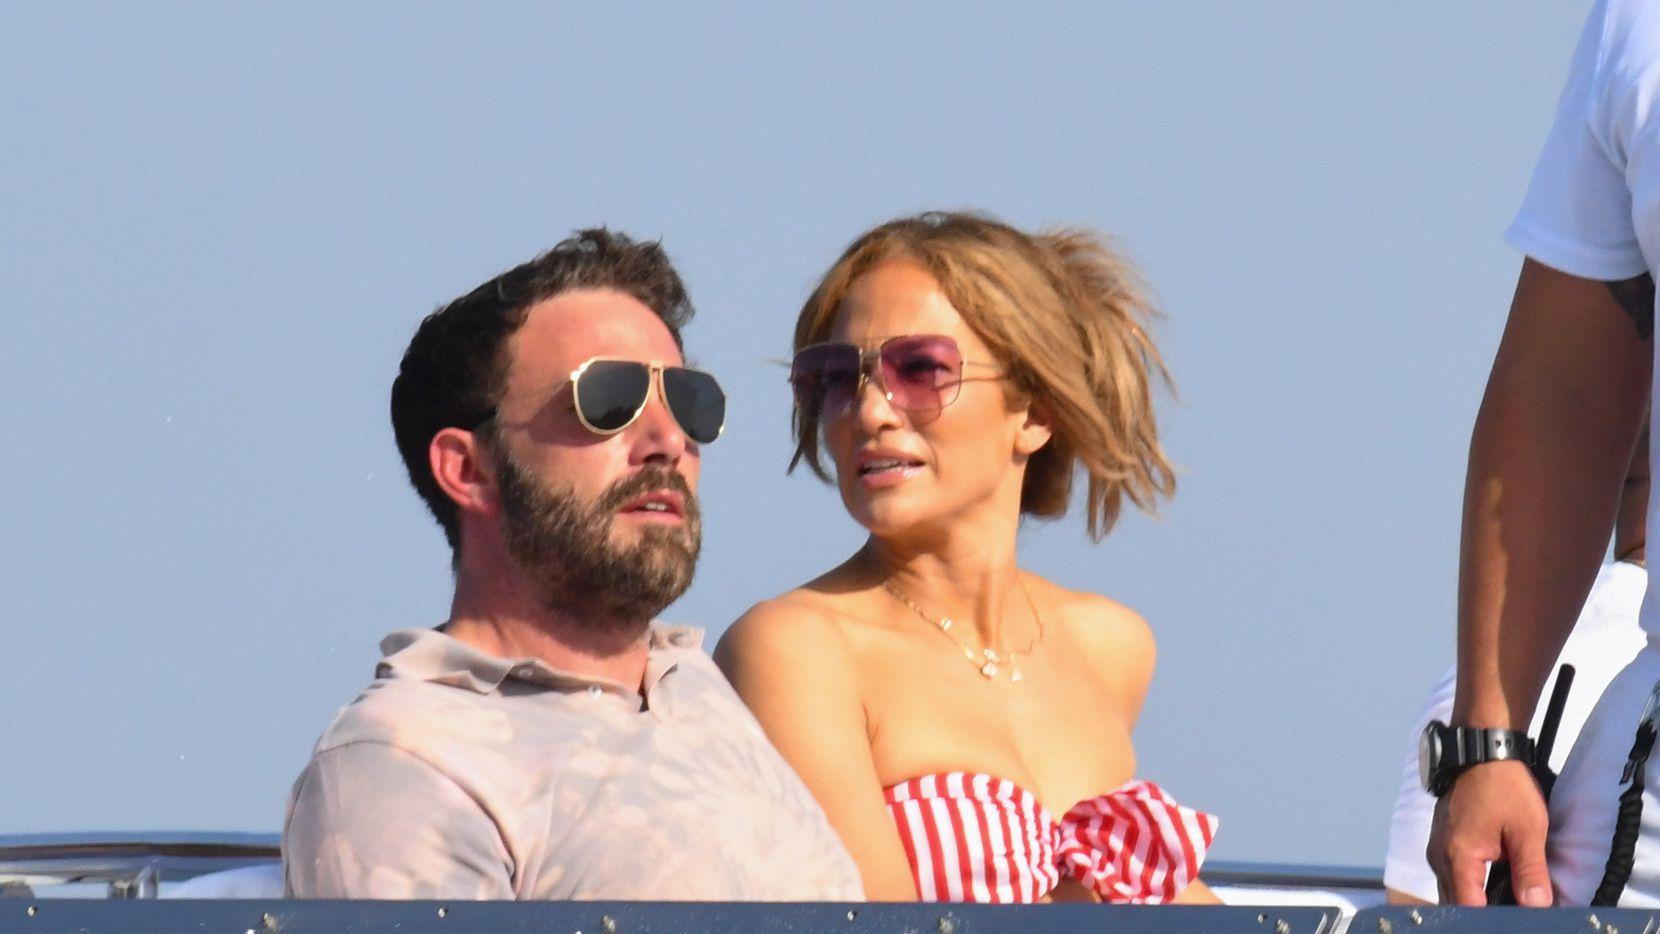 Ben Affleck y Jennifer Lopez juntos en la costa Amalfitana, Italia, el 28 de julio de 2021.